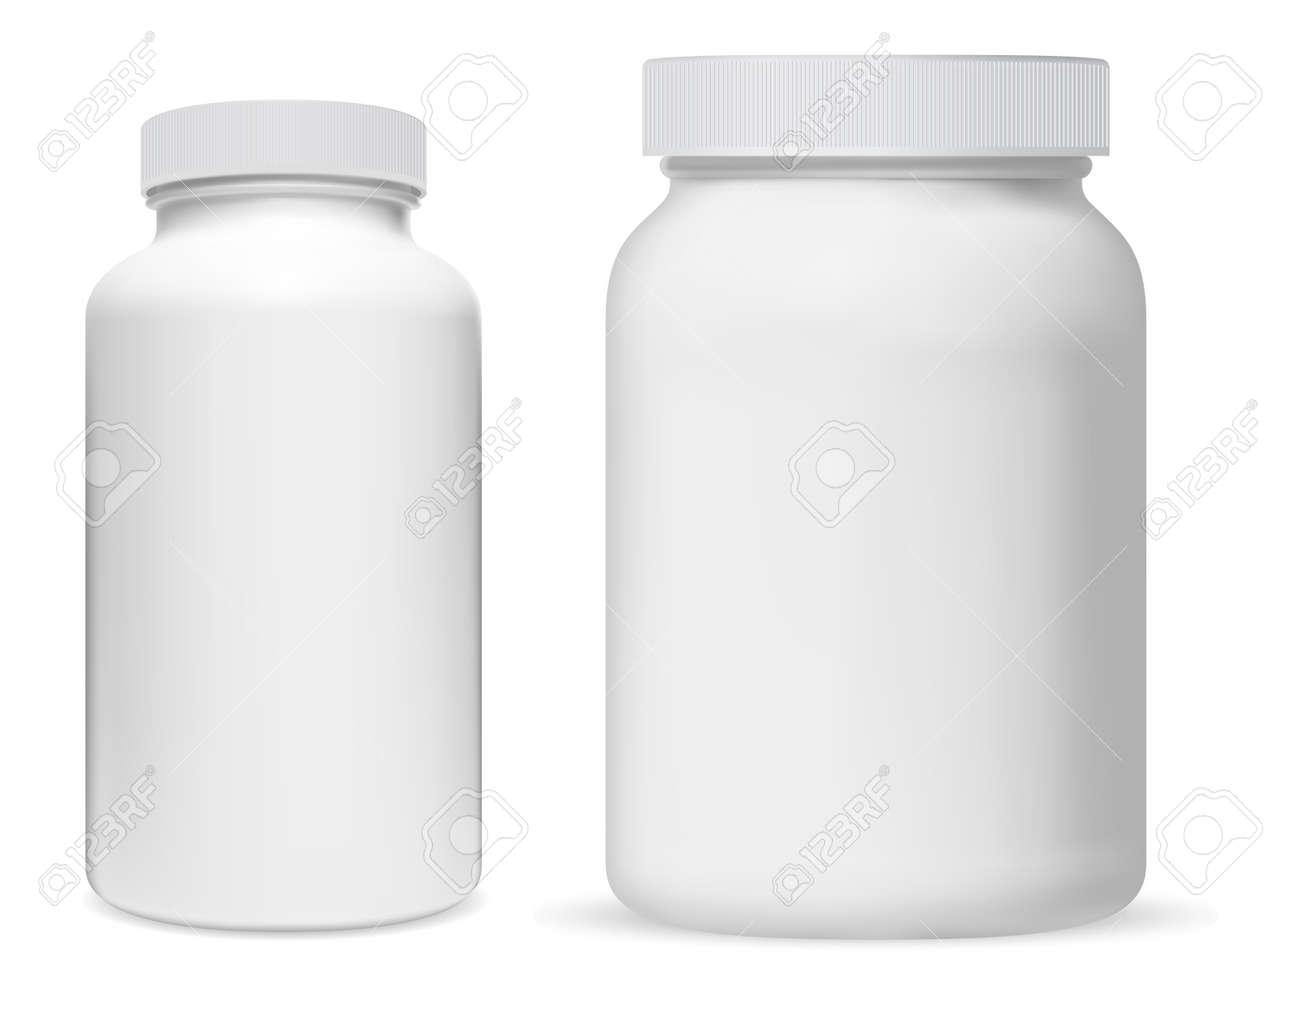 Pill bottle. White plastic supplement jar. Protein bottle mock up, vitamin capsule packaging, large powder jar blank. medical remedy cylinder jar, aspirin medication tablets, pharmaceutical drug can - 165403907